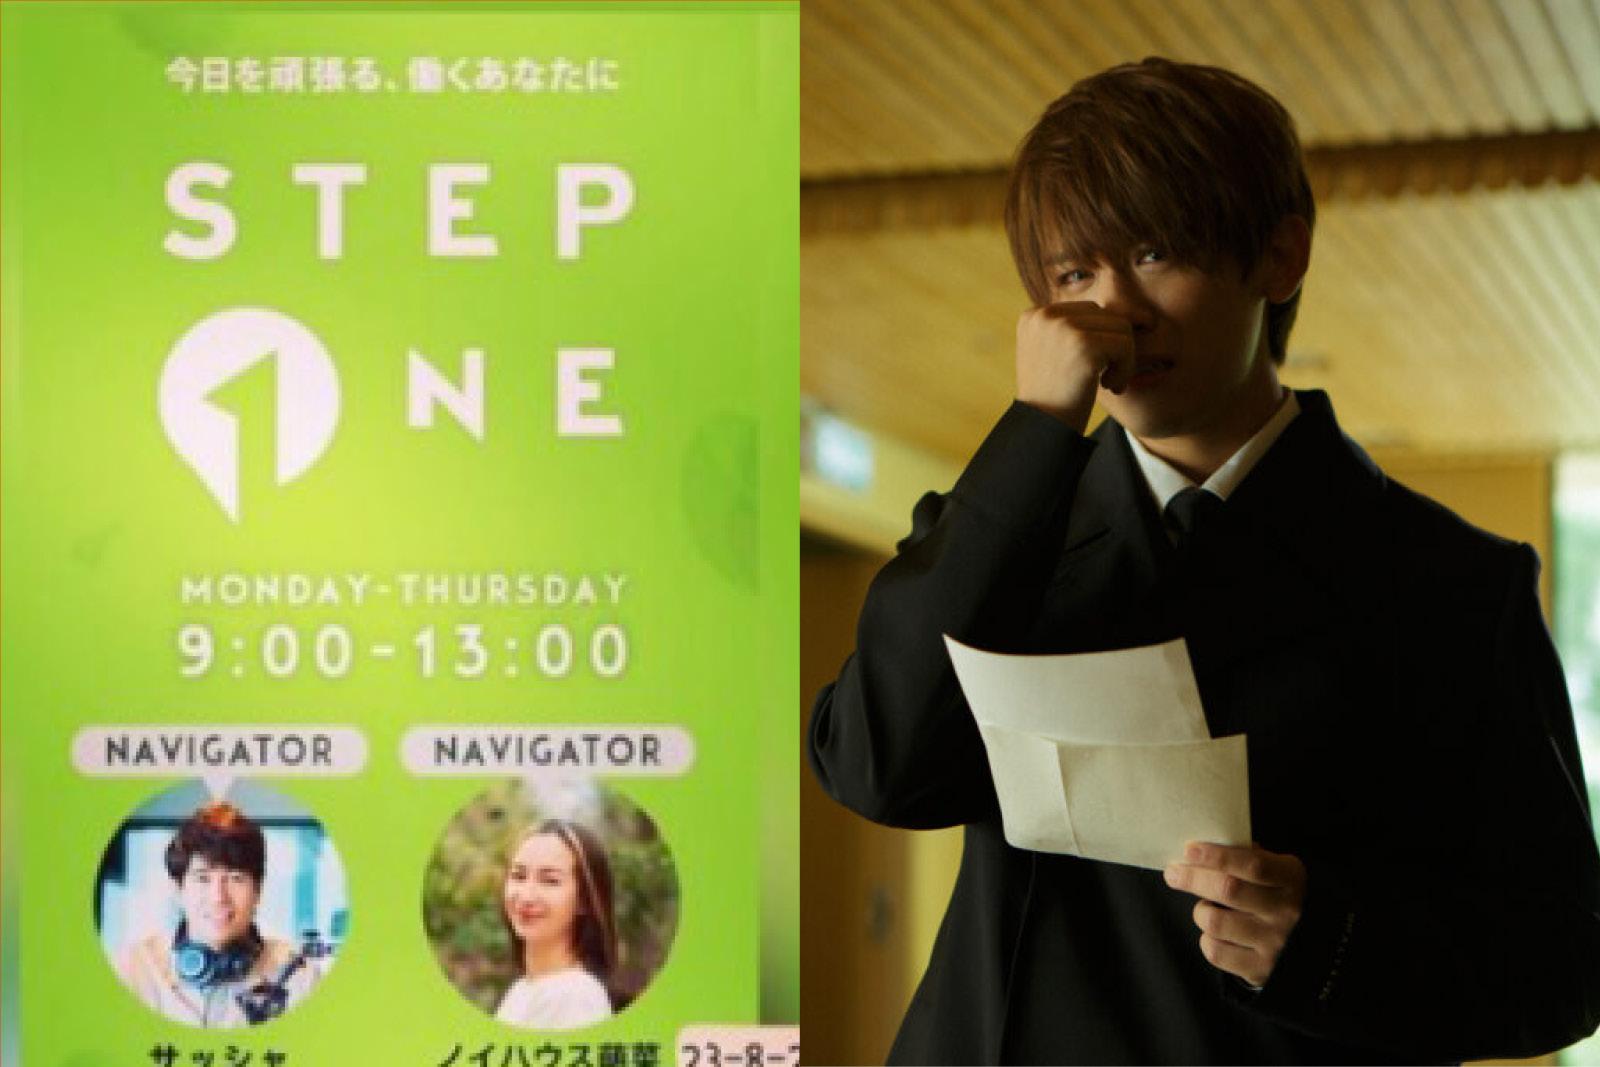 新歌《Dear My Friend,》揚威日本  姜濤:真的沒想到   姜糖:亞洲第一不是夢